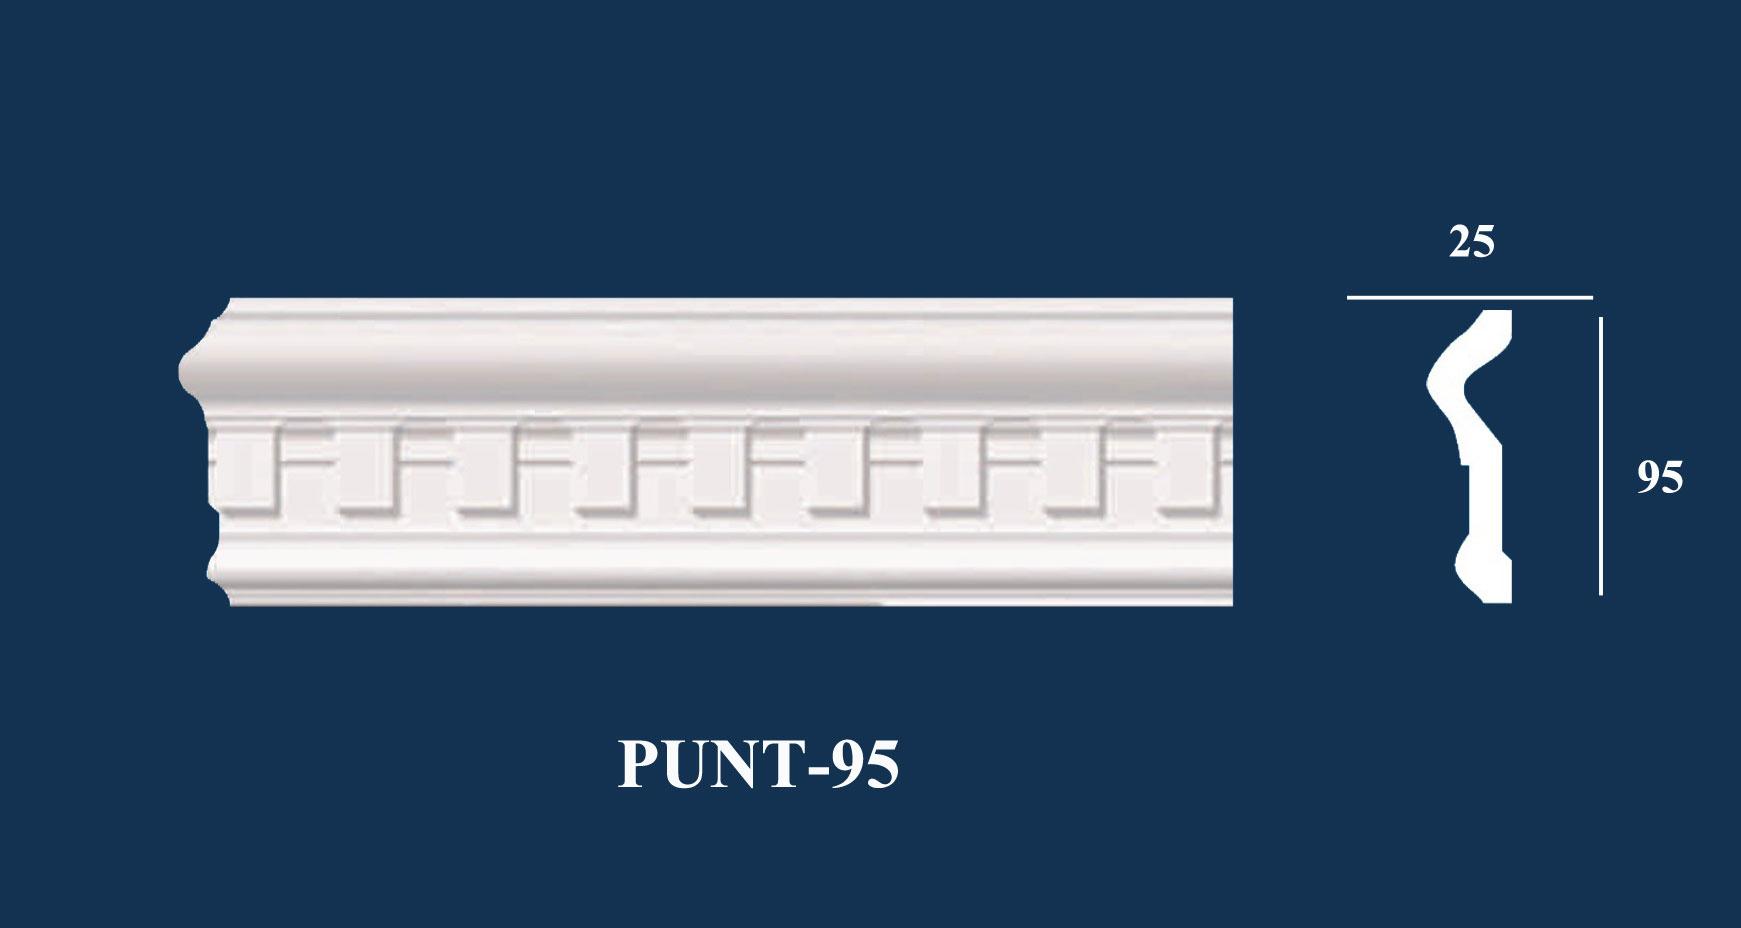 Chỉ Nẹp Hoa Văn Trang Trí - PUNT-95